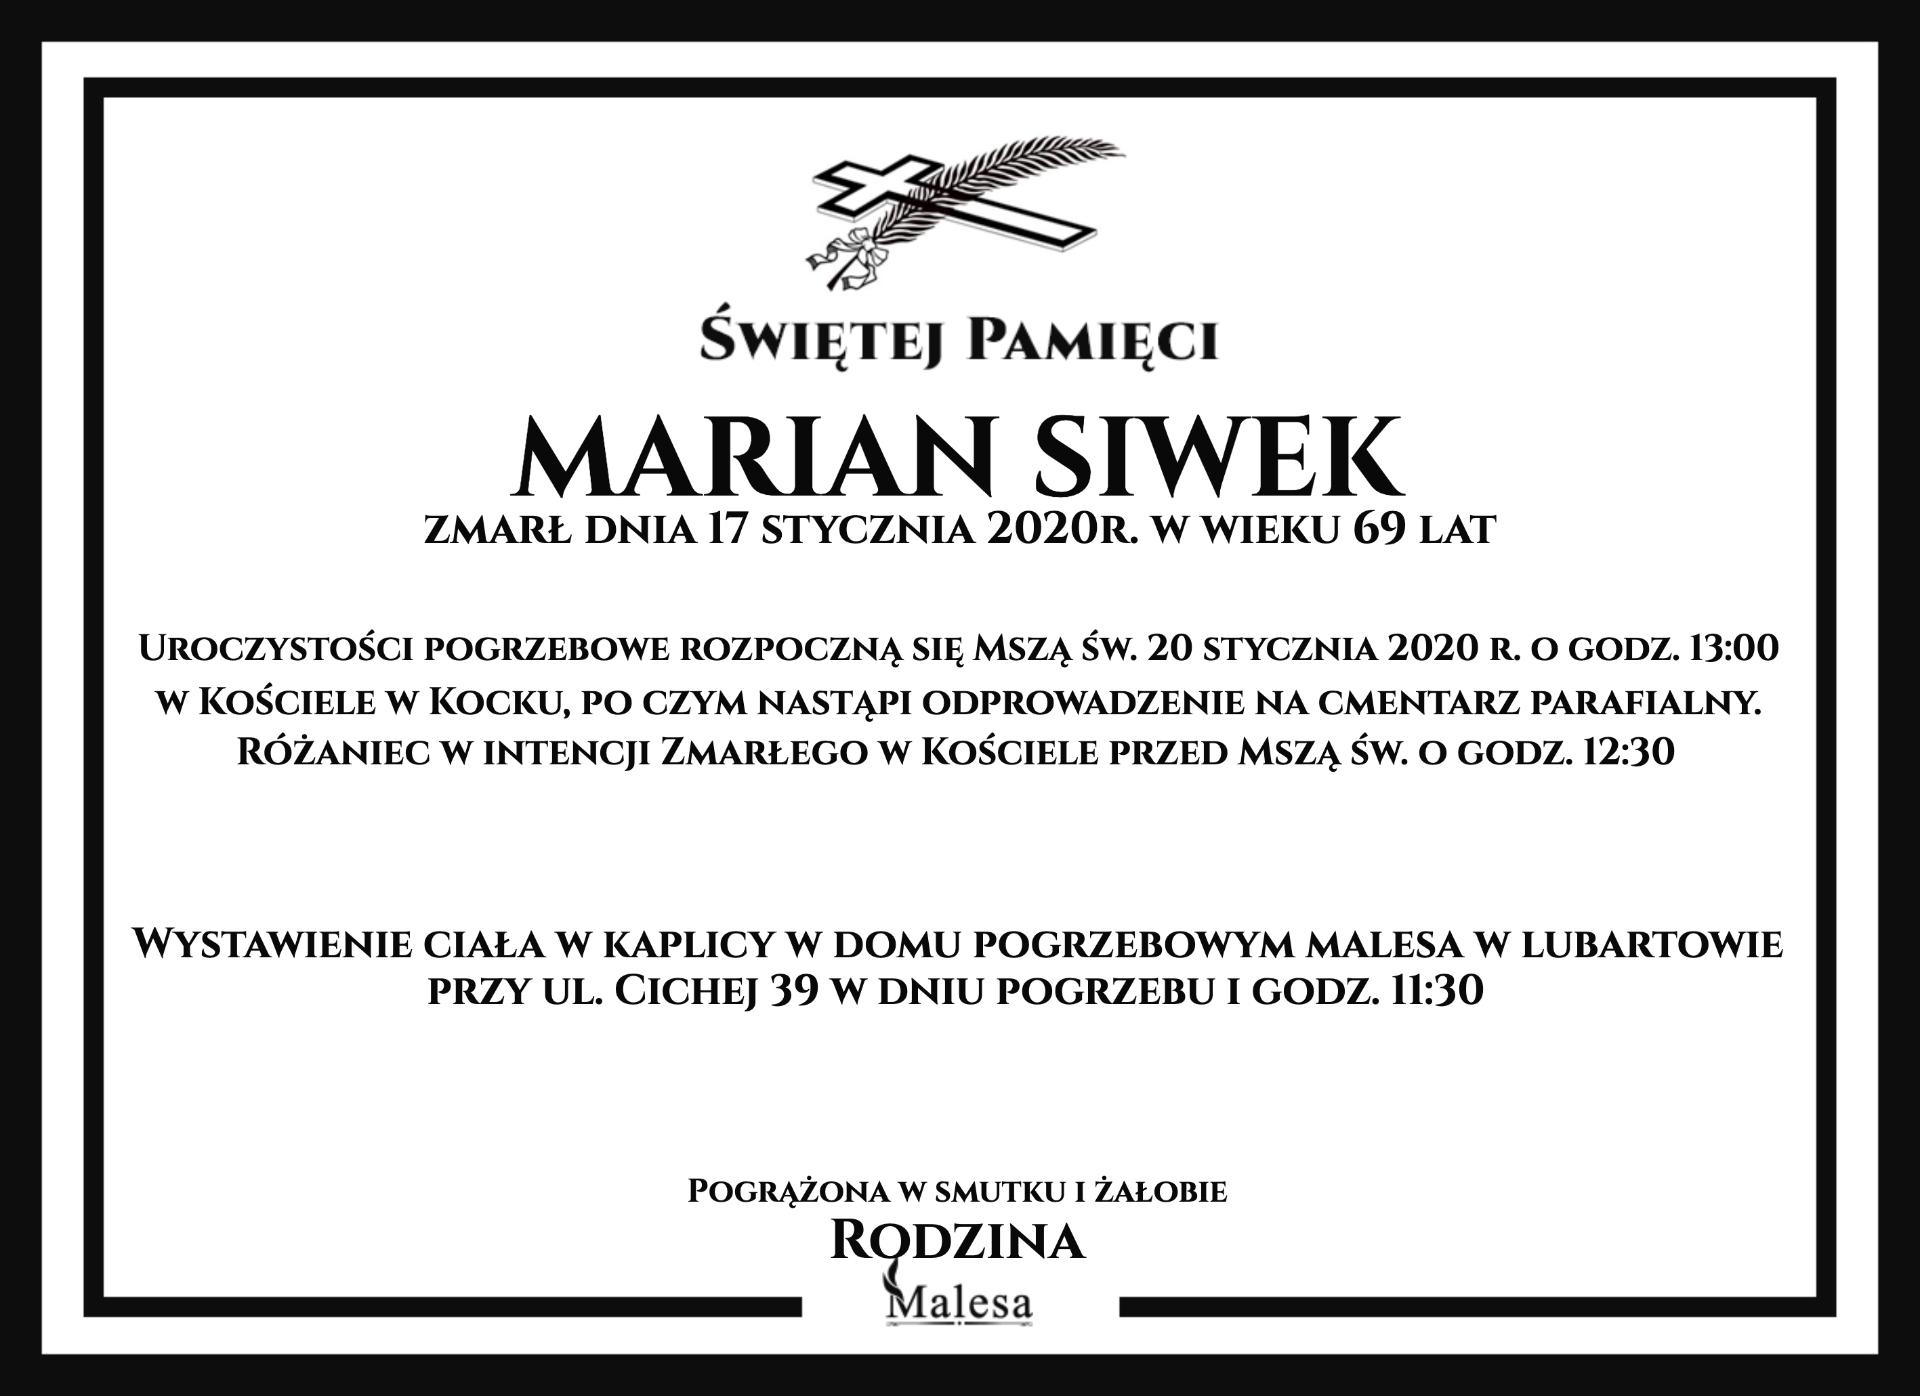 MARIAN SIWEK zmarł dnia 17 stycznia 2020r. wwieku 69 lat R